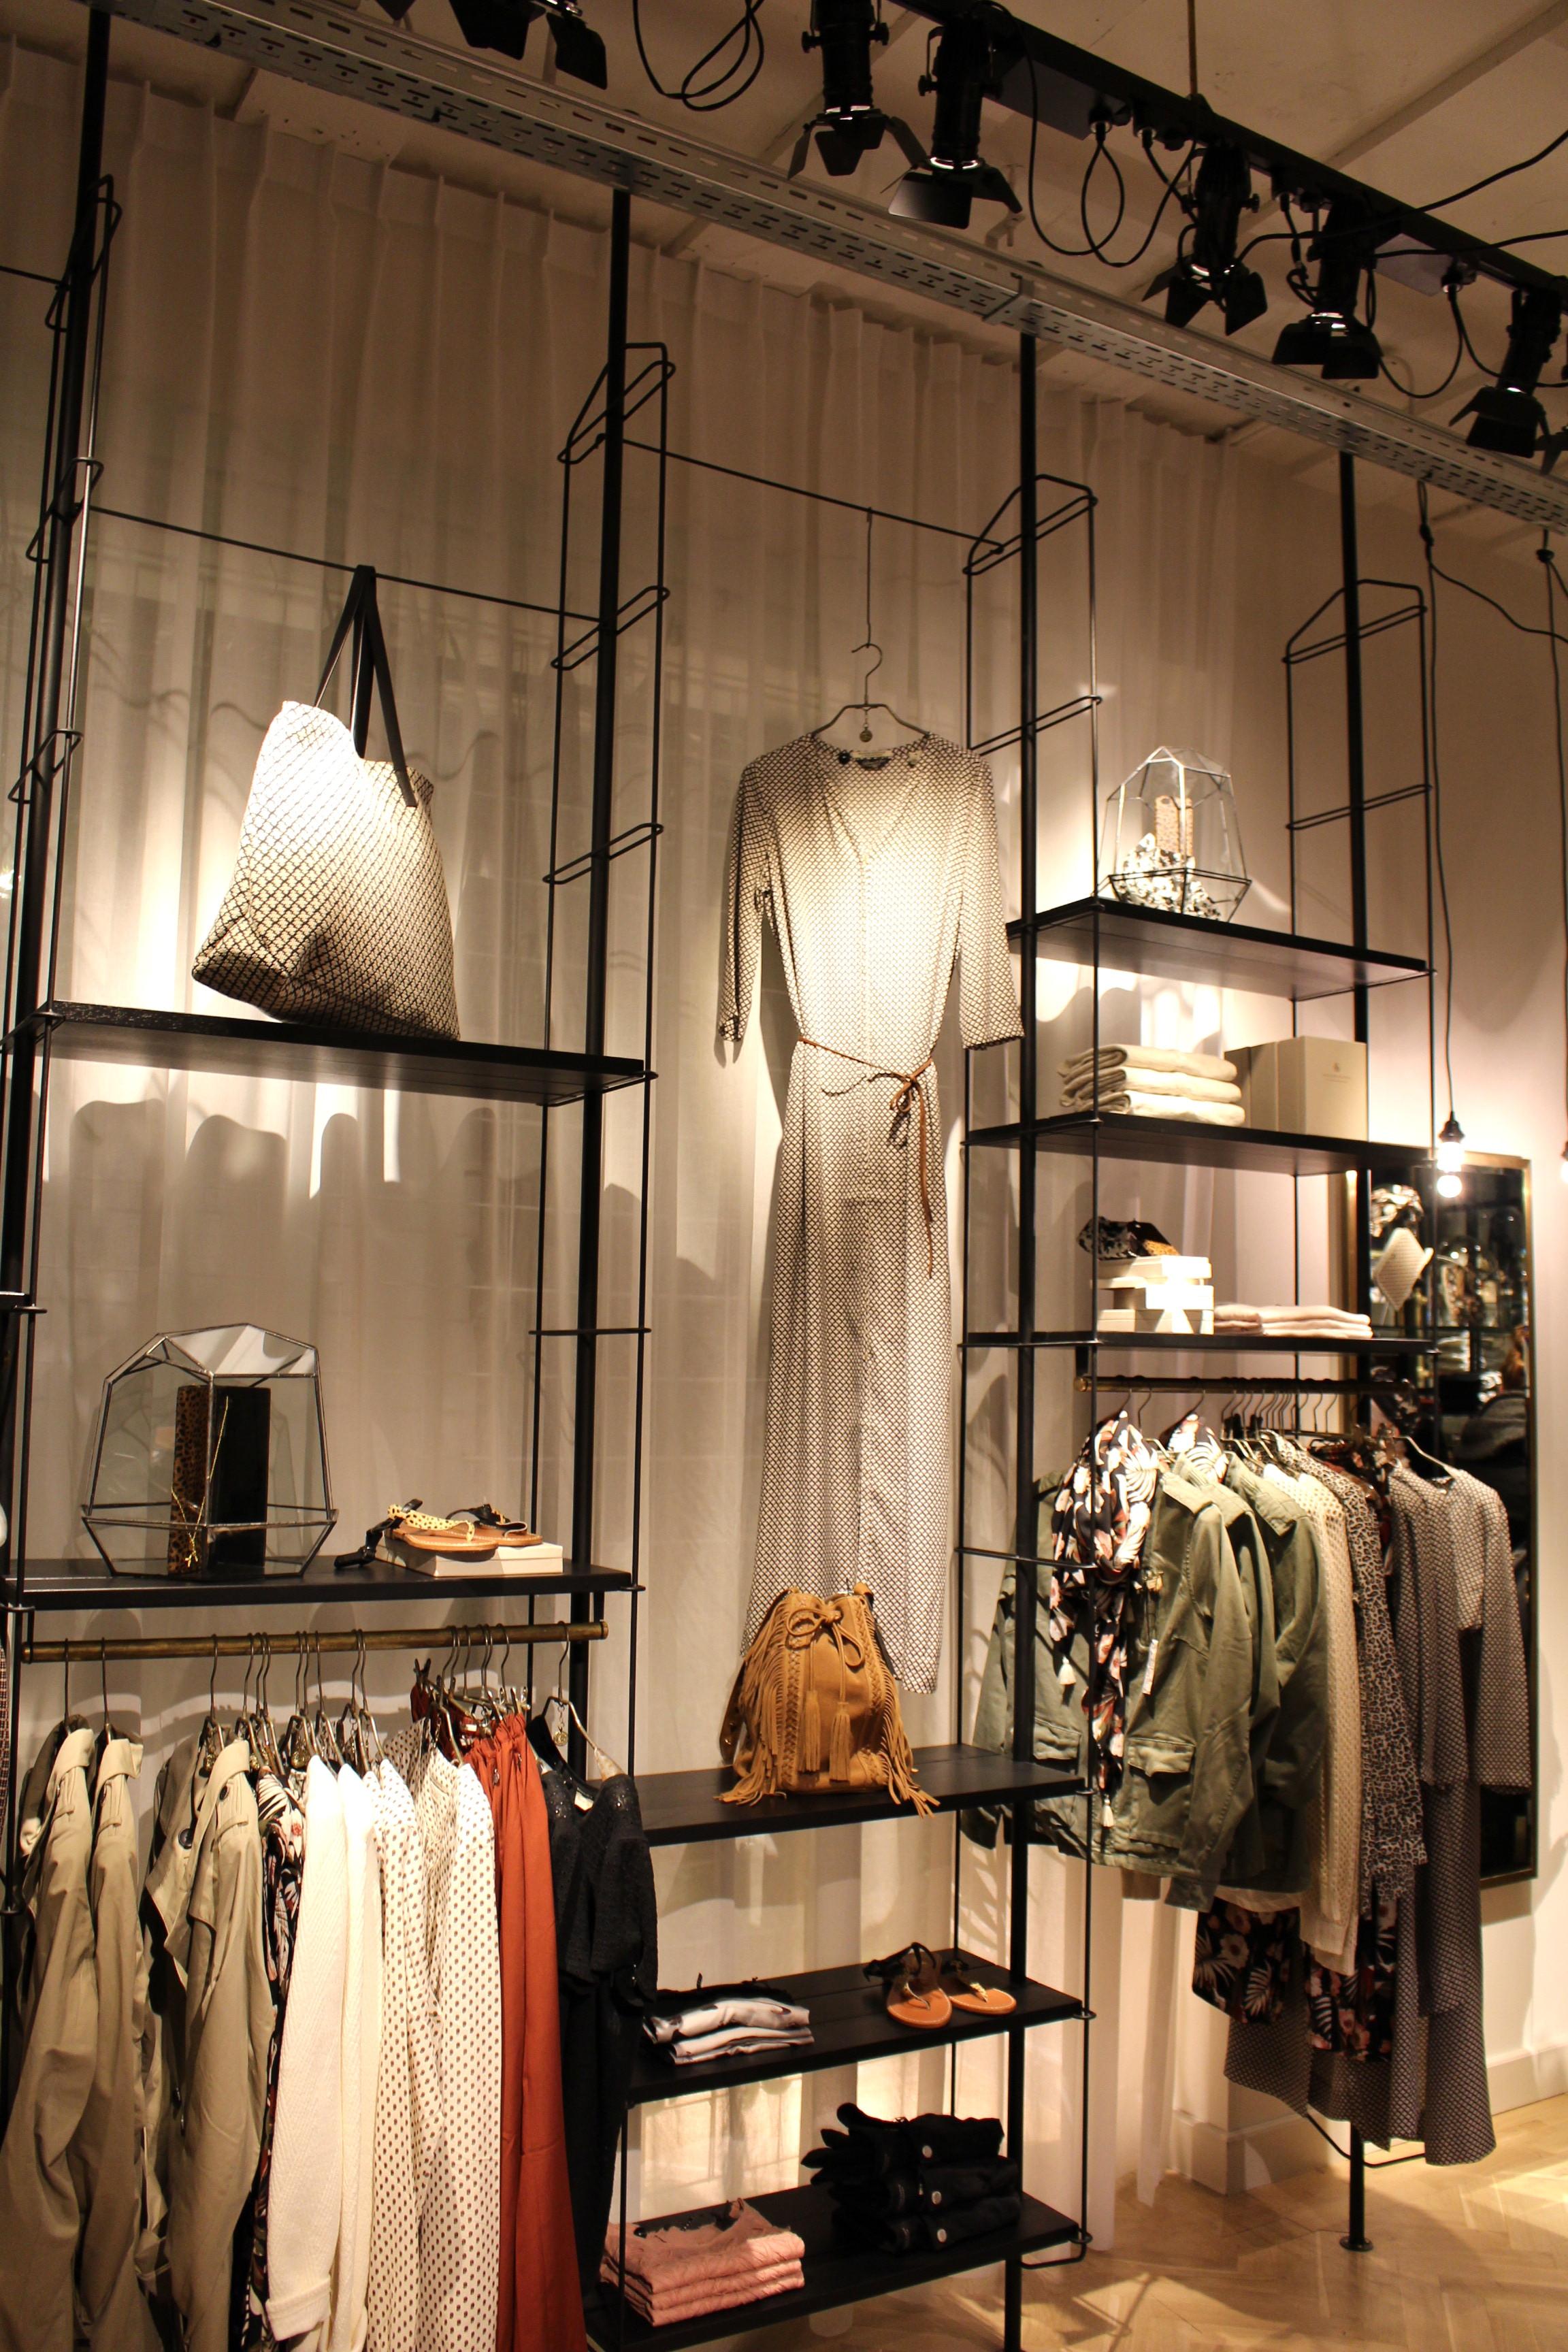 Fashioncircuz by Jenny img_4424 SCOTCH & SODA STORE OPENING IN DÜSSELDORF